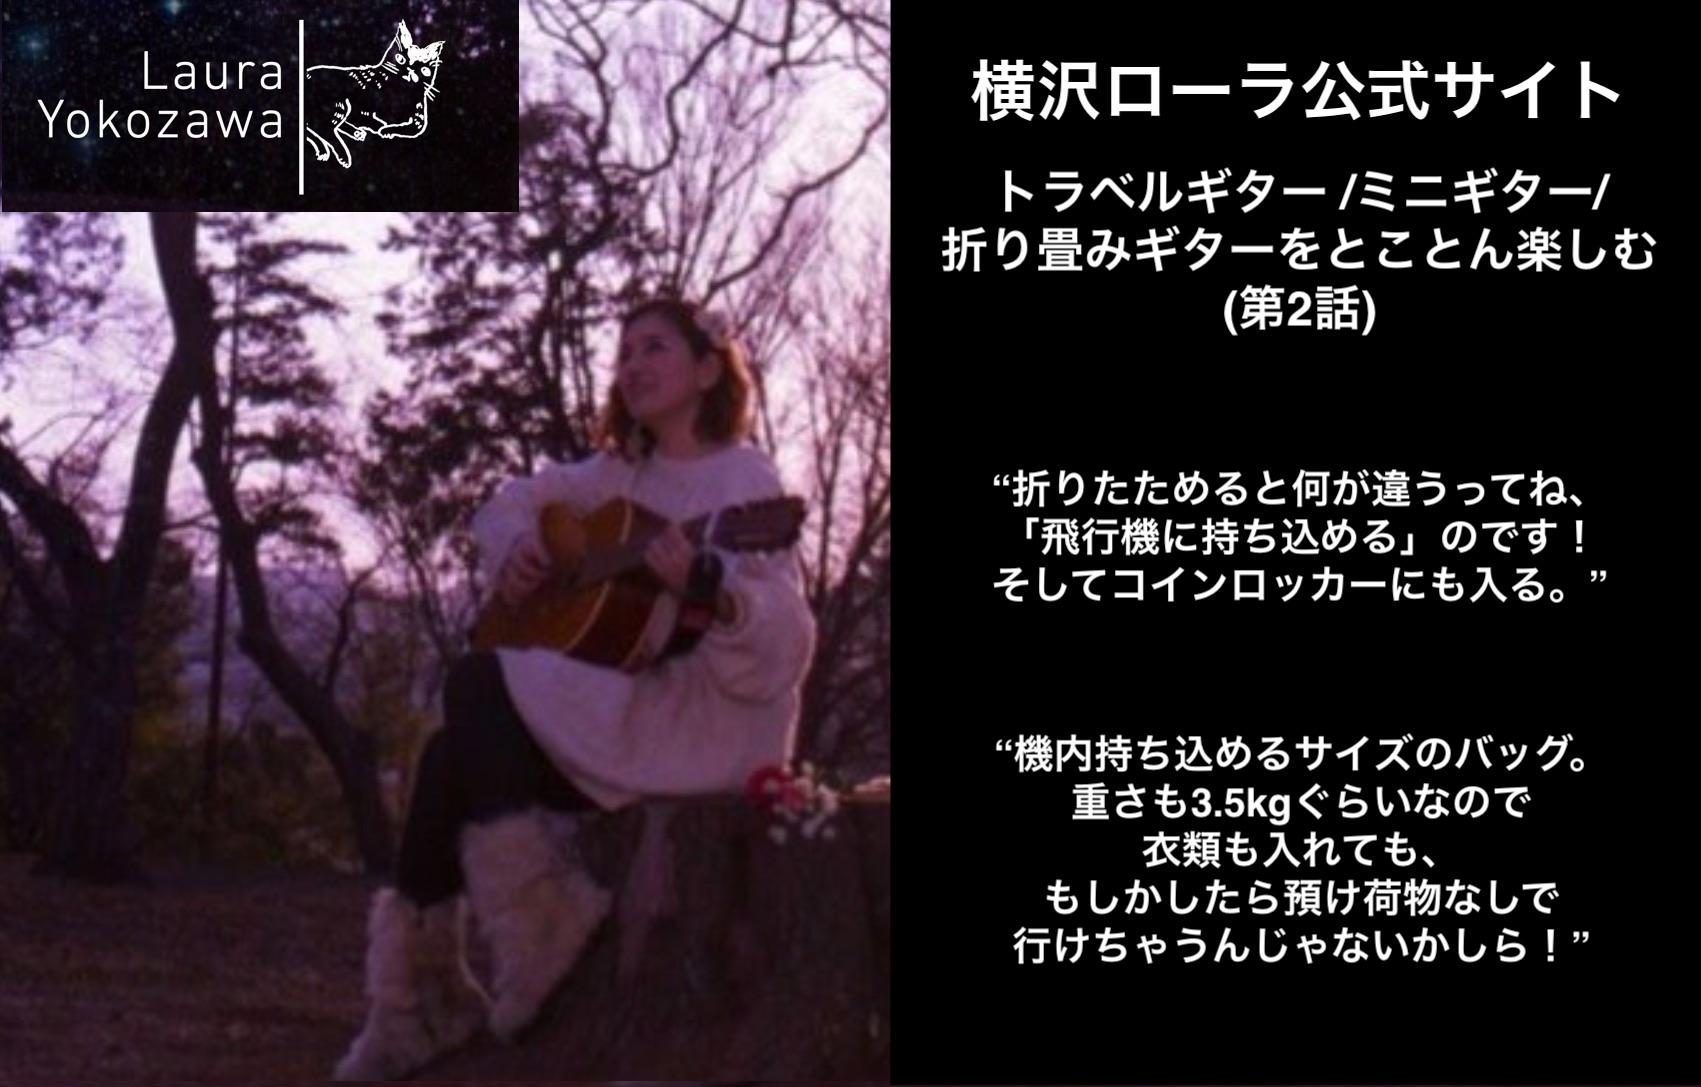 LauraYokozawa2